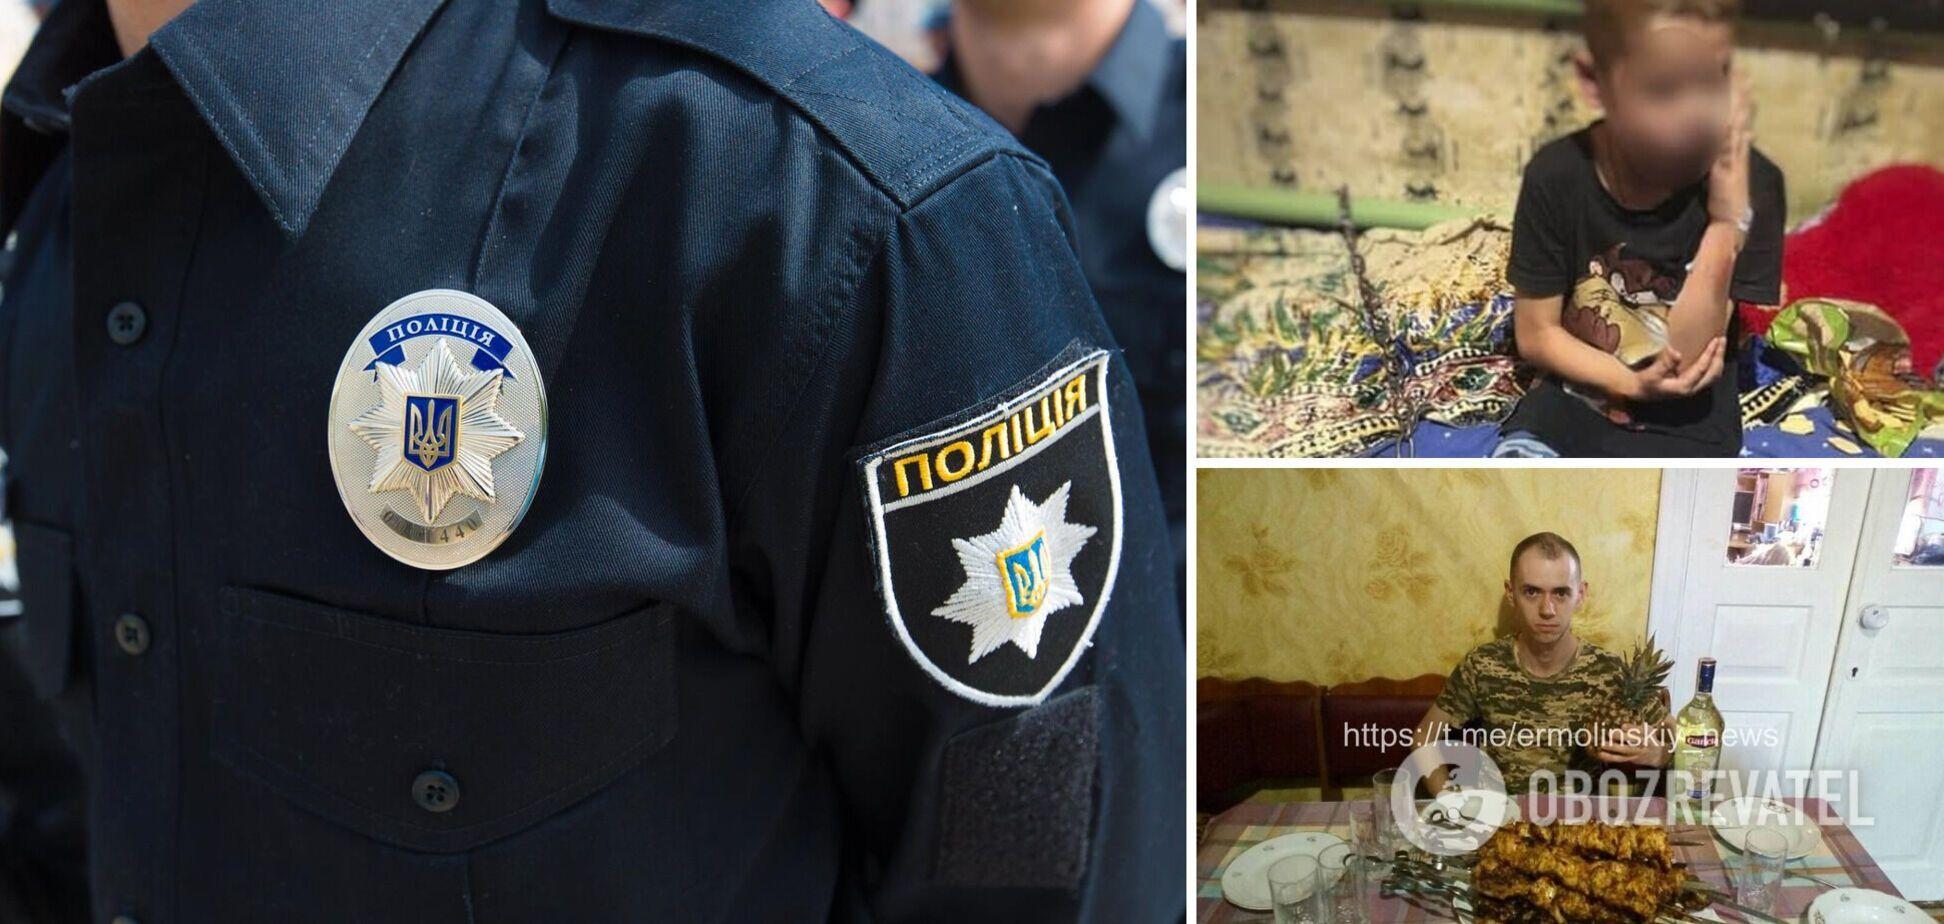 У Кривому Розі поліцейські звільнили 7-річного хлопчика, якого вітчим тримав на ланцюгу. Фото та відео